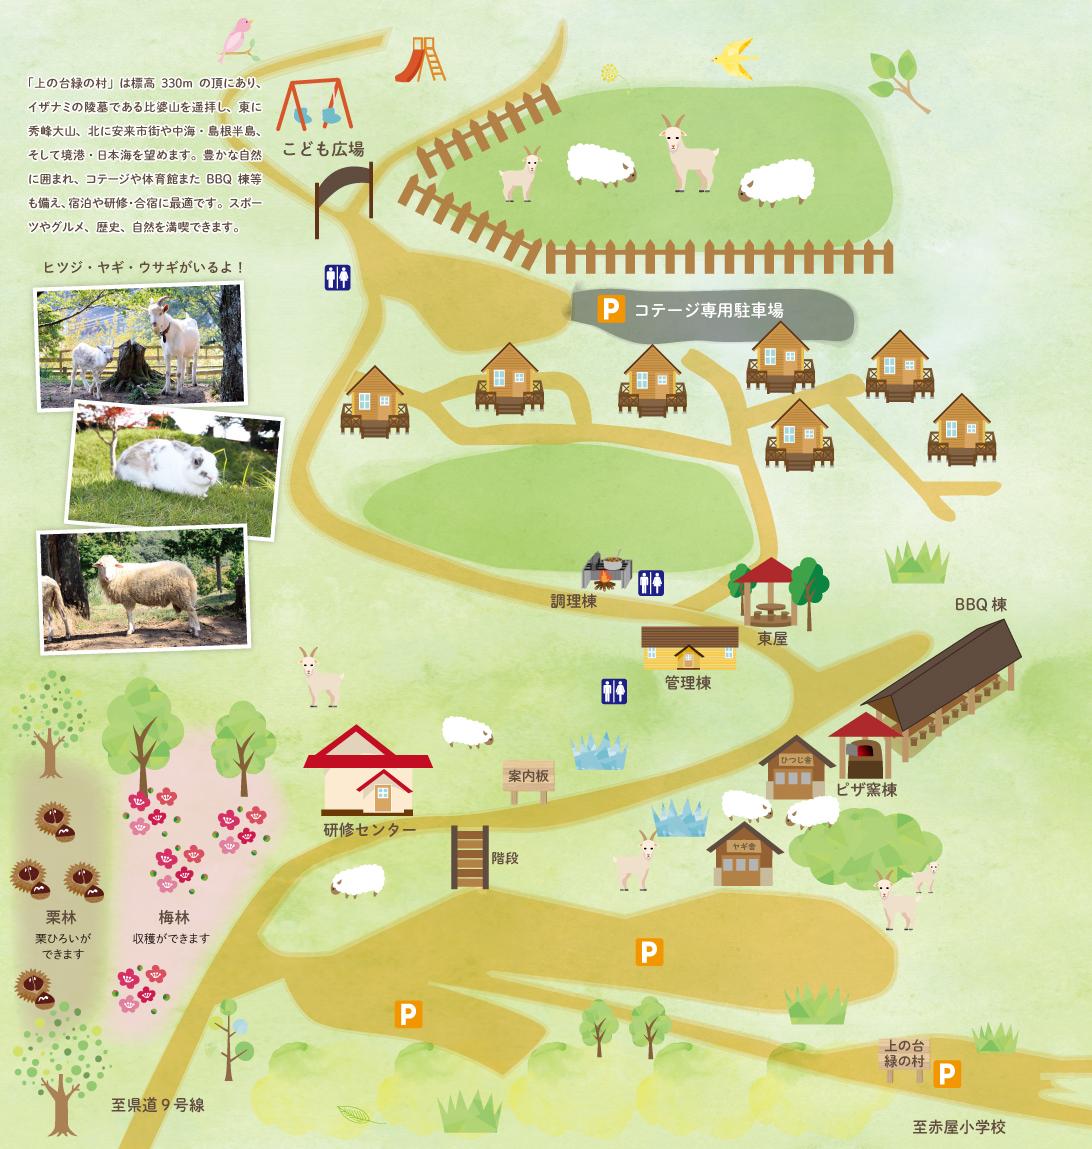 村内マップ